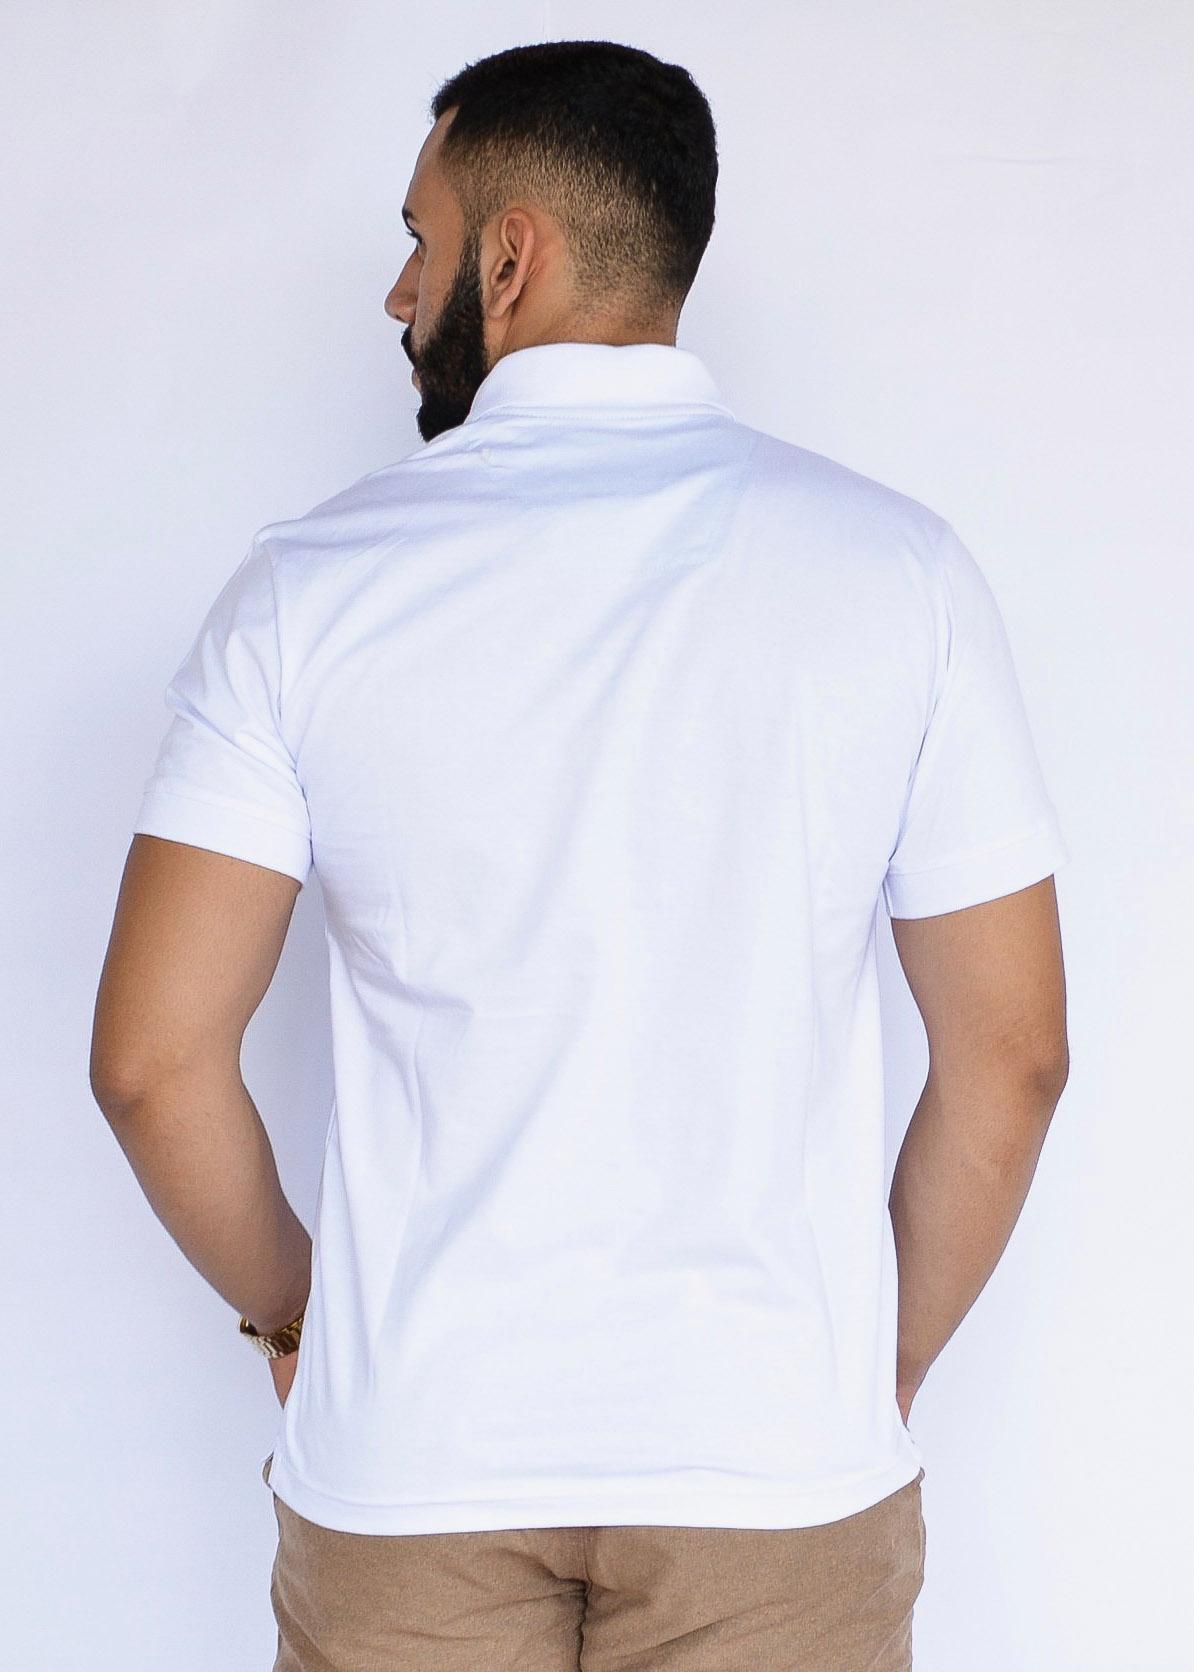 Camisa Polo Básica  Branco  - Kactoos